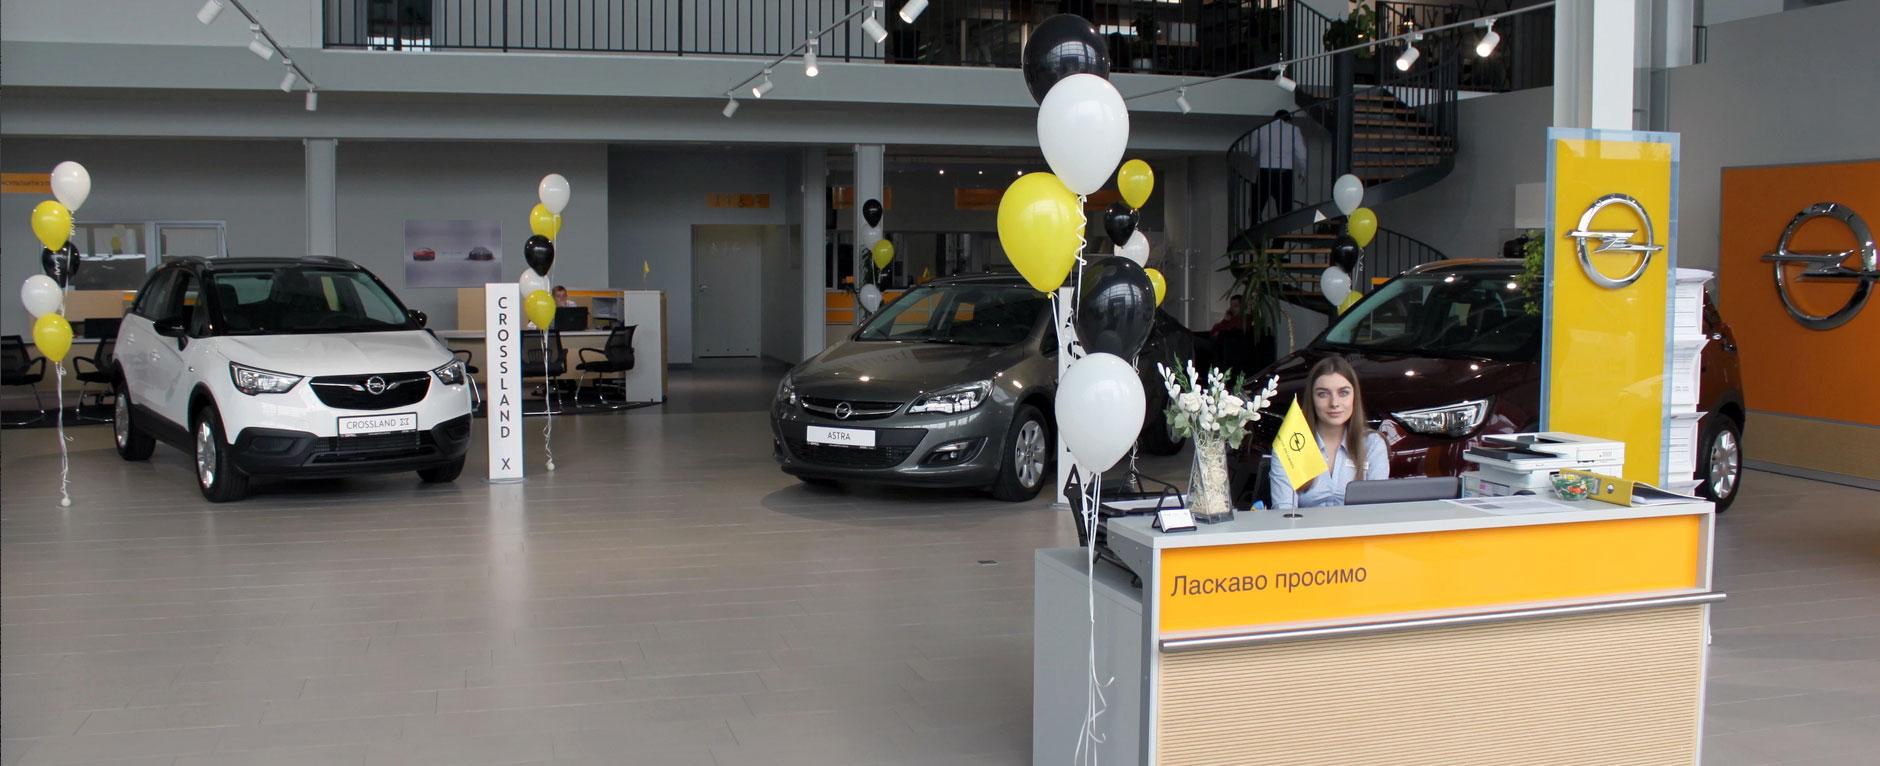 Дізнайтеся більше про Opel центр Ілта Львів